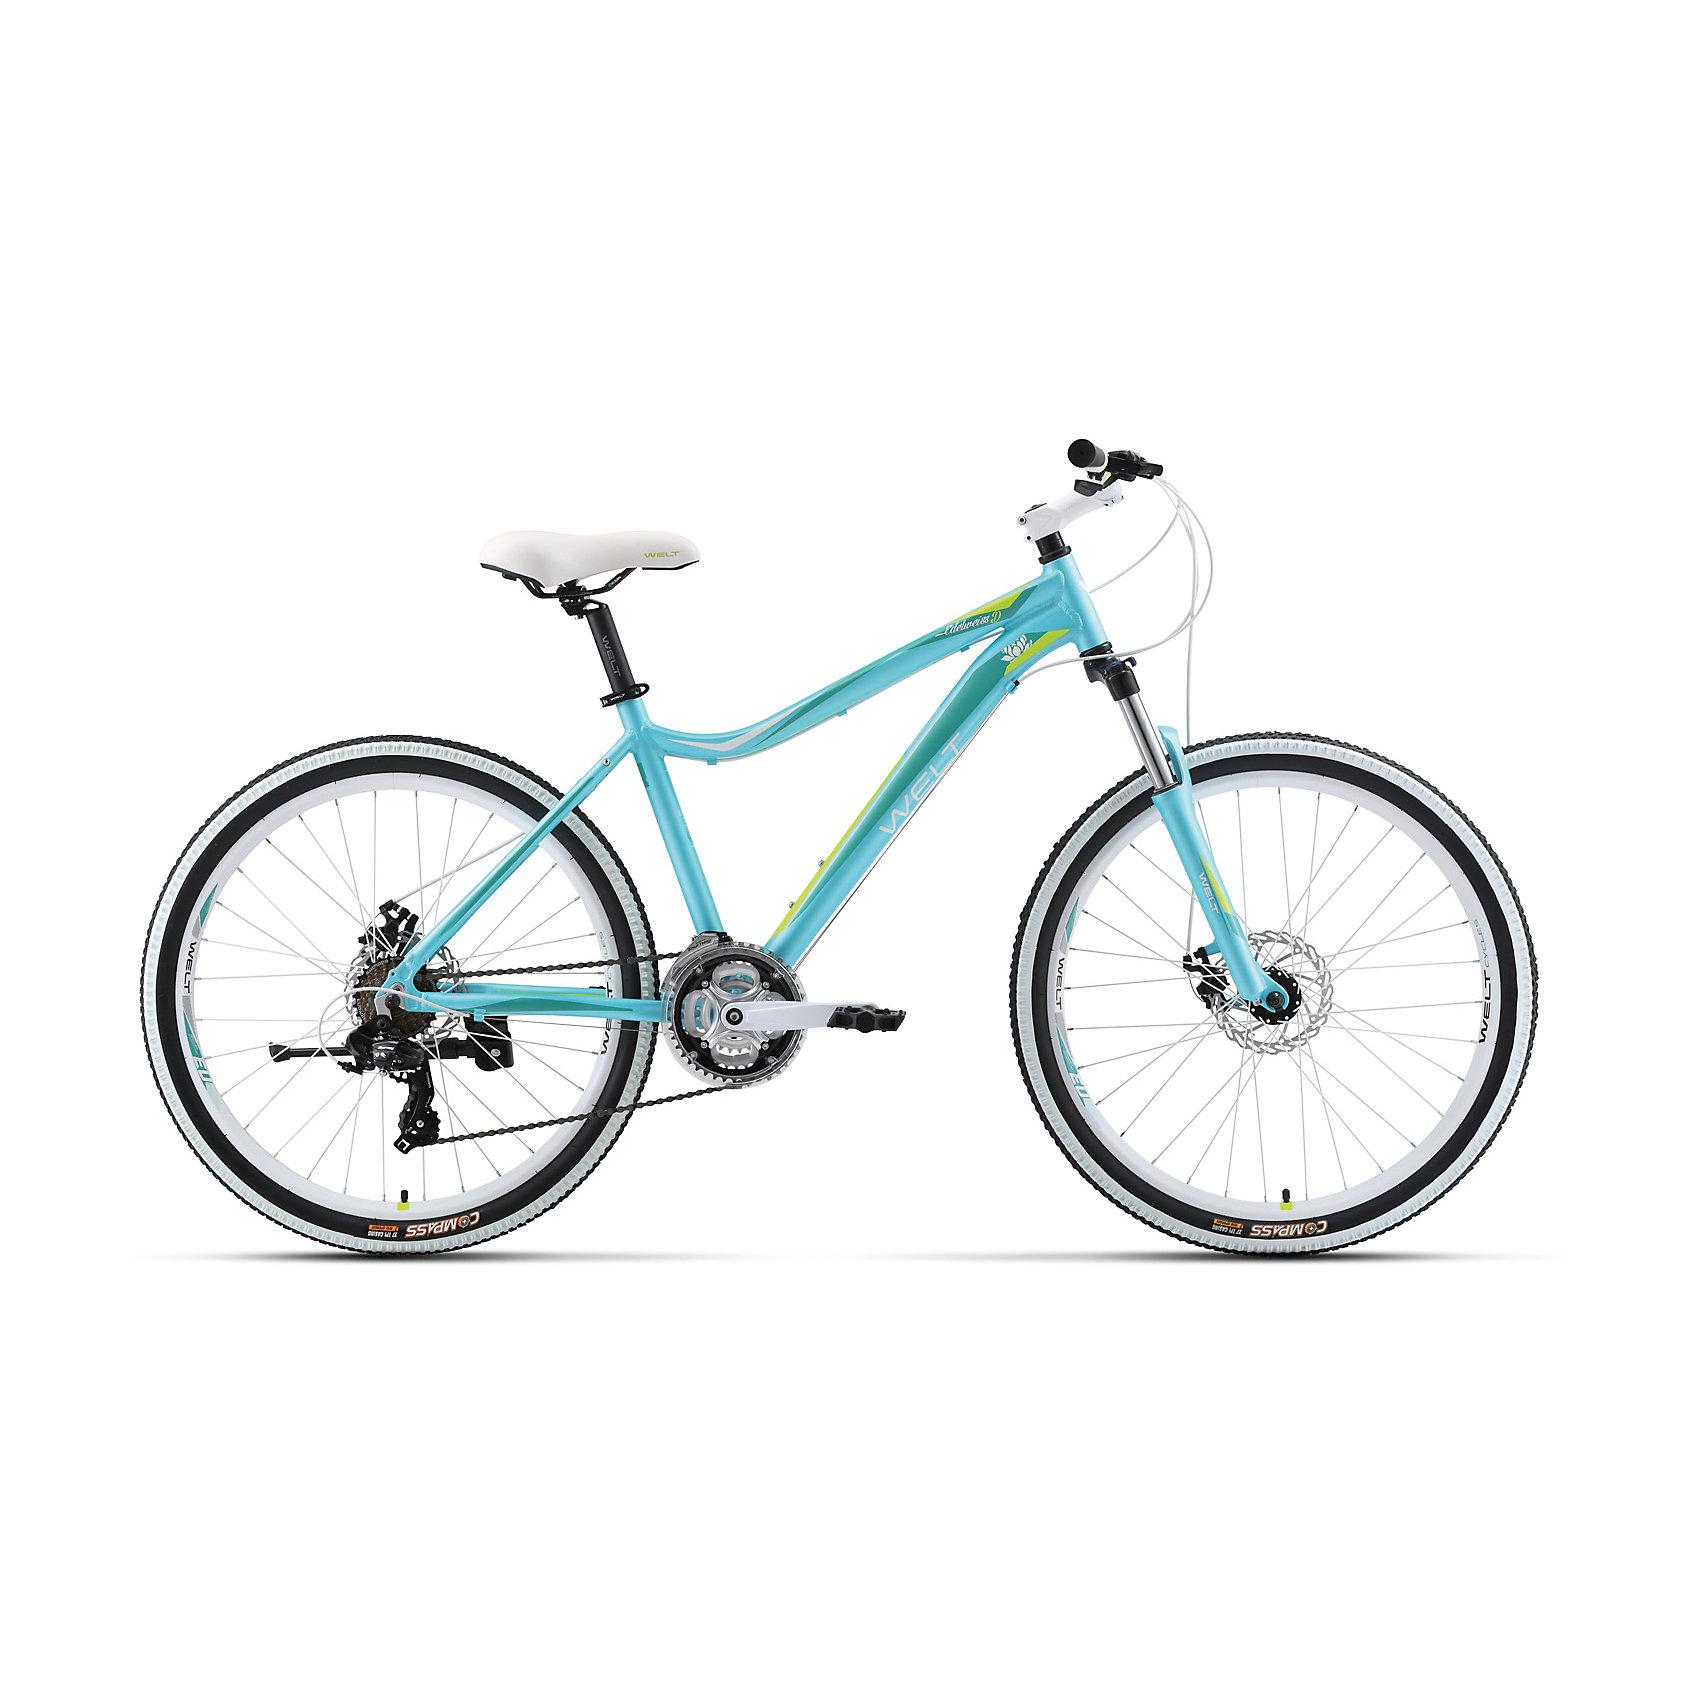 Велосипед  Edelweiss 1.0 D, 17 дюймов, голубо-зеленый, WeltВелосипеды детские<br>Характеристики товара:<br><br>• цвет: голубой, зеленый<br>• рама: Alloy 6061 <br>• размер рамы: 16,20<br>• диаметр колес: 26<br>• кол-во скоростей: 21<br>• тип вилки: амортизационная<br>• вилка: WELT MRK MLO 100mm<br>• переключатель задний : Shimano TY-300<br>• переключатель передний: Shimano TZ-30<br>• шифтеры: Shimano EF-51<br>• тип тормозов: дисковые механические<br>• тормоза: JAK-5<br>• система:  steel 42/34/24 <br>• кассета: Shimano HG20 12-28T<br>• тип рулевой колонки:  1-1/8 безрезьбовая<br>• покрышки: Compass 26 x 2,1 <br>• страна бренда: Германия <br><br>Велосипед  Edelweiss 1.0 D -это модель, которая создана  для кросс-кантри. Большие колеса, мягкая амортизация позволят преодолеть путь, проходящий по загородному бездорожью. <br><br>Велосипед  Edelweiss 1.0 D, 17 дюймов, голубо-зеленый, Welt можно купить в нашем интернет-магазине.<br><br>Ширина мм: 1450<br>Глубина мм: 200<br>Высота мм: 800<br>Вес г: 16500<br>Возраст от месяцев: 168<br>Возраст до месяцев: 2147483647<br>Пол: Унисекс<br>Возраст: Детский<br>SKU: 5569422